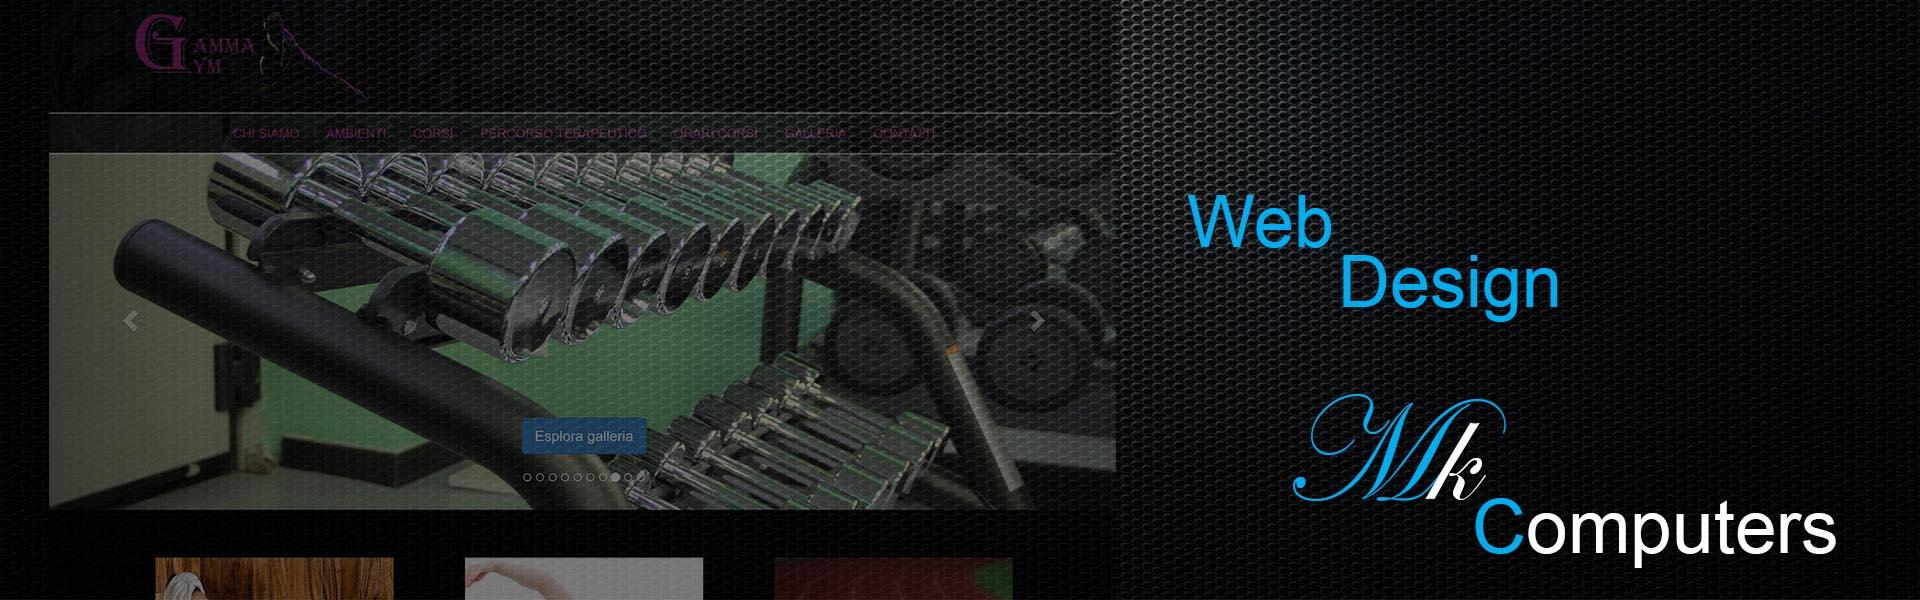 Mk Computers - Assistenza PC e Siti Web Caselle Torinese - immagine carosello